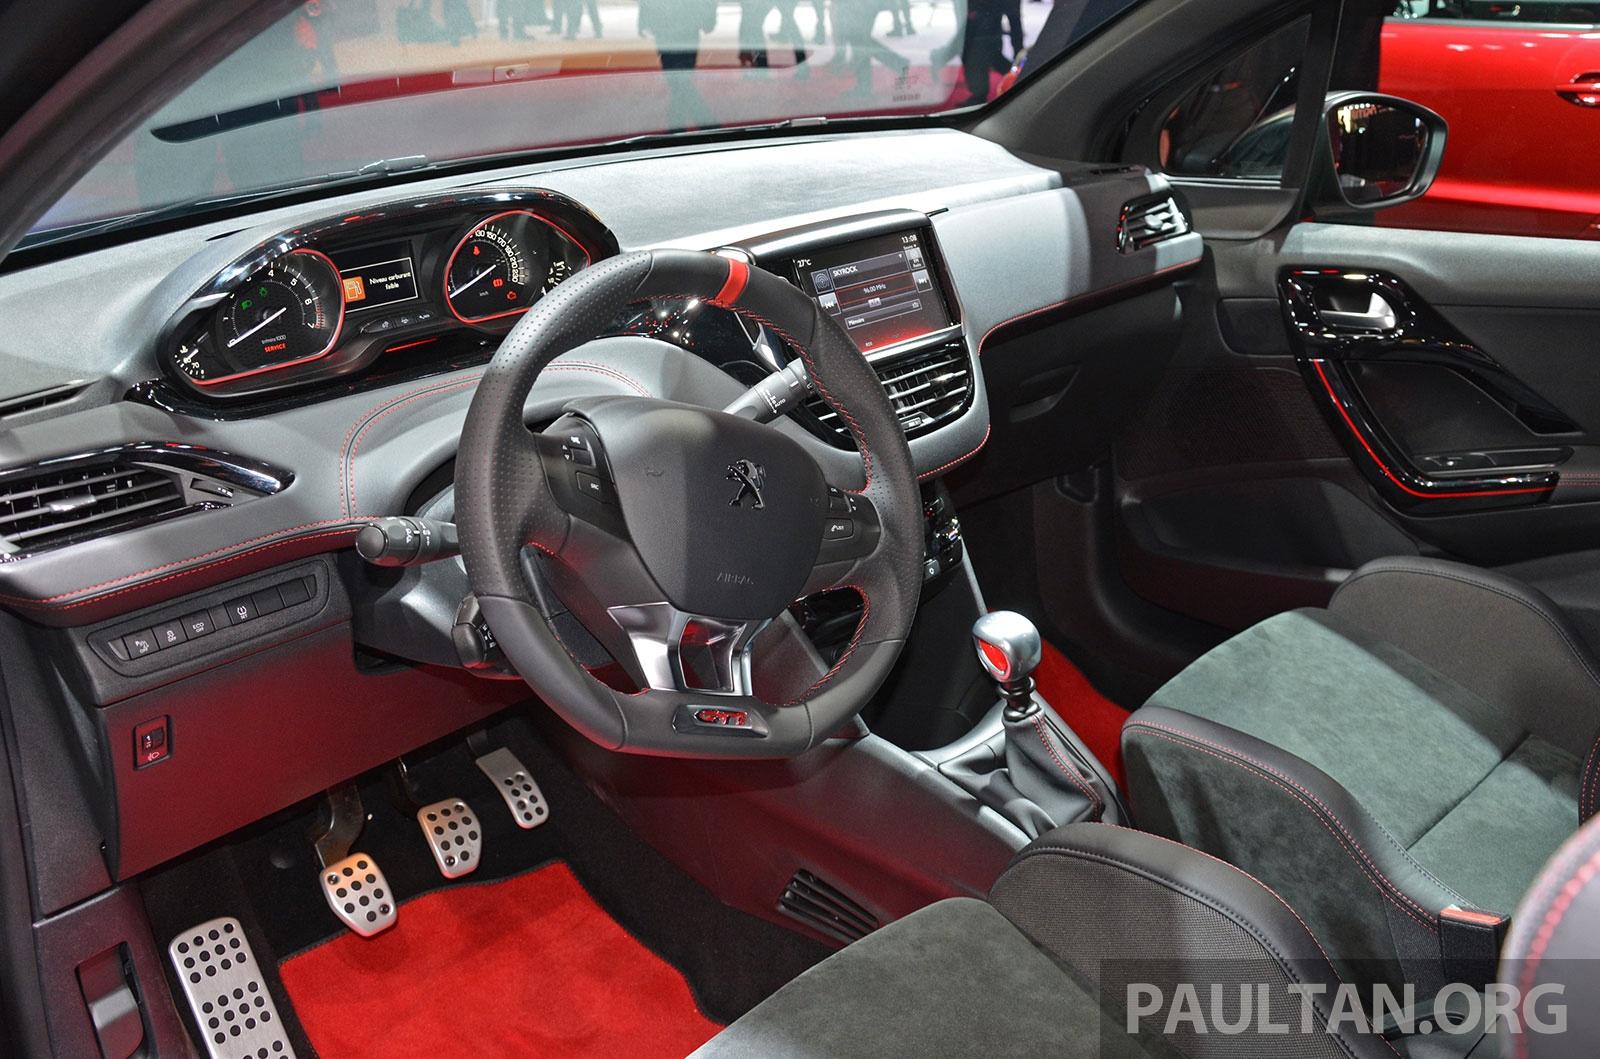 Mini Cooper vs VW GTI